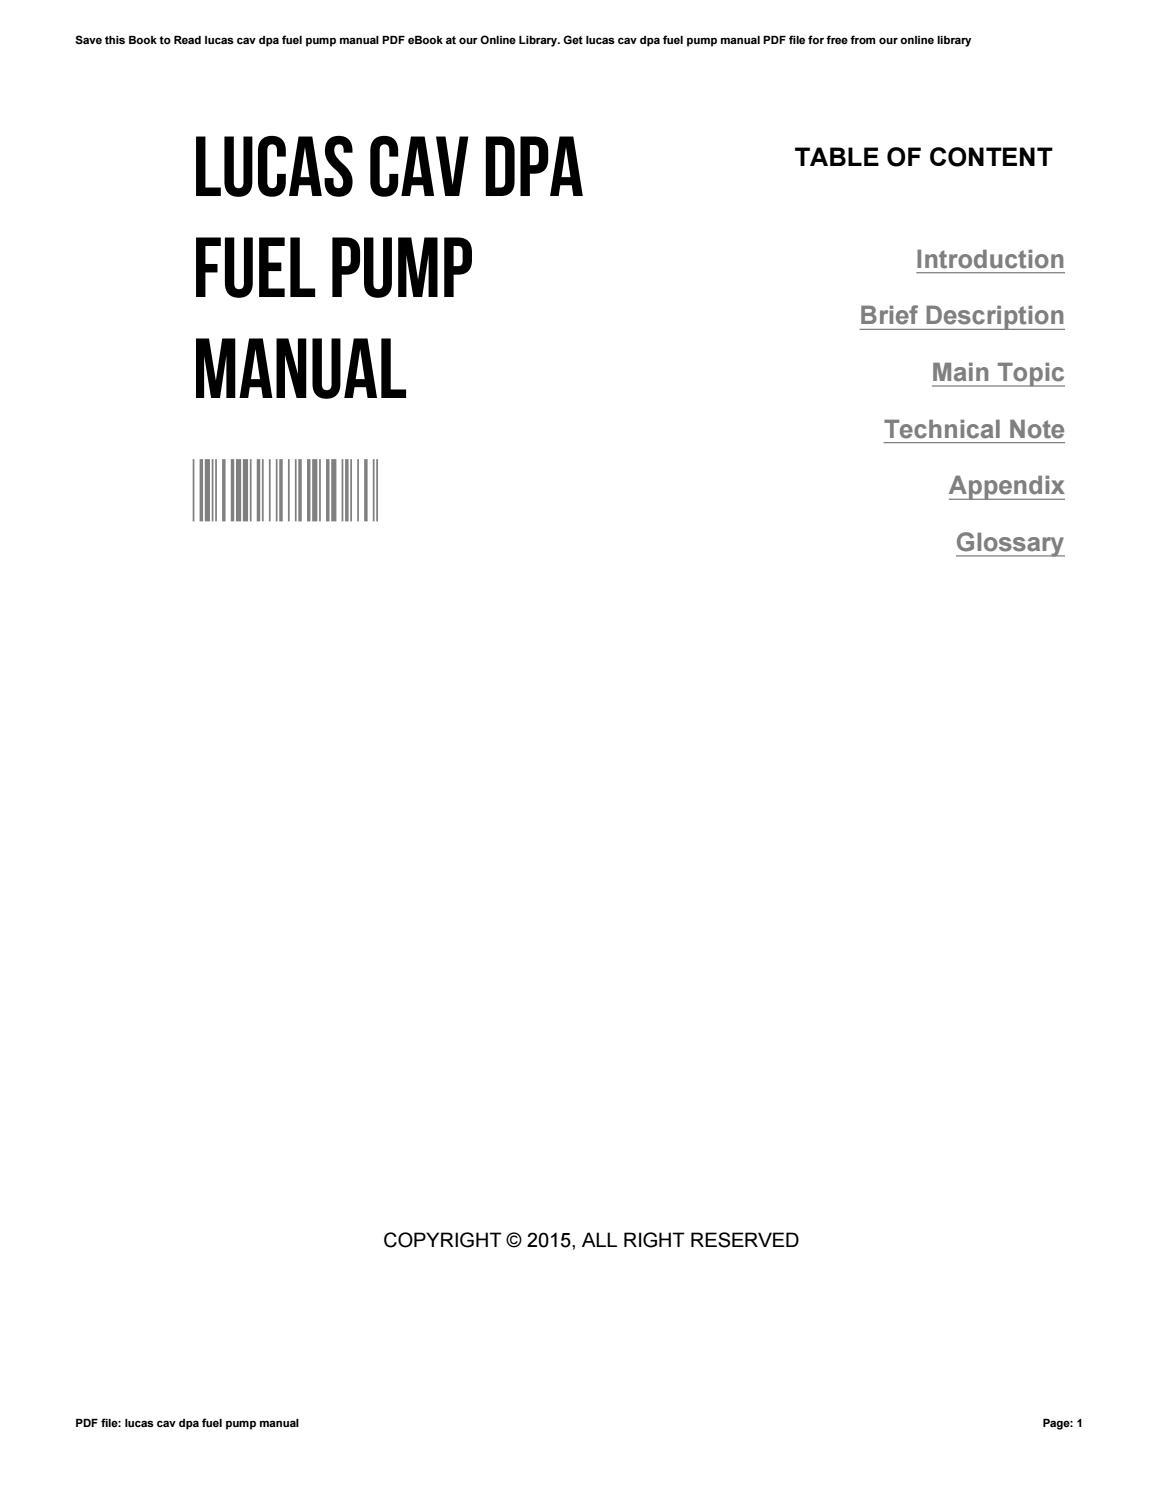 Fuel Pump Pdf